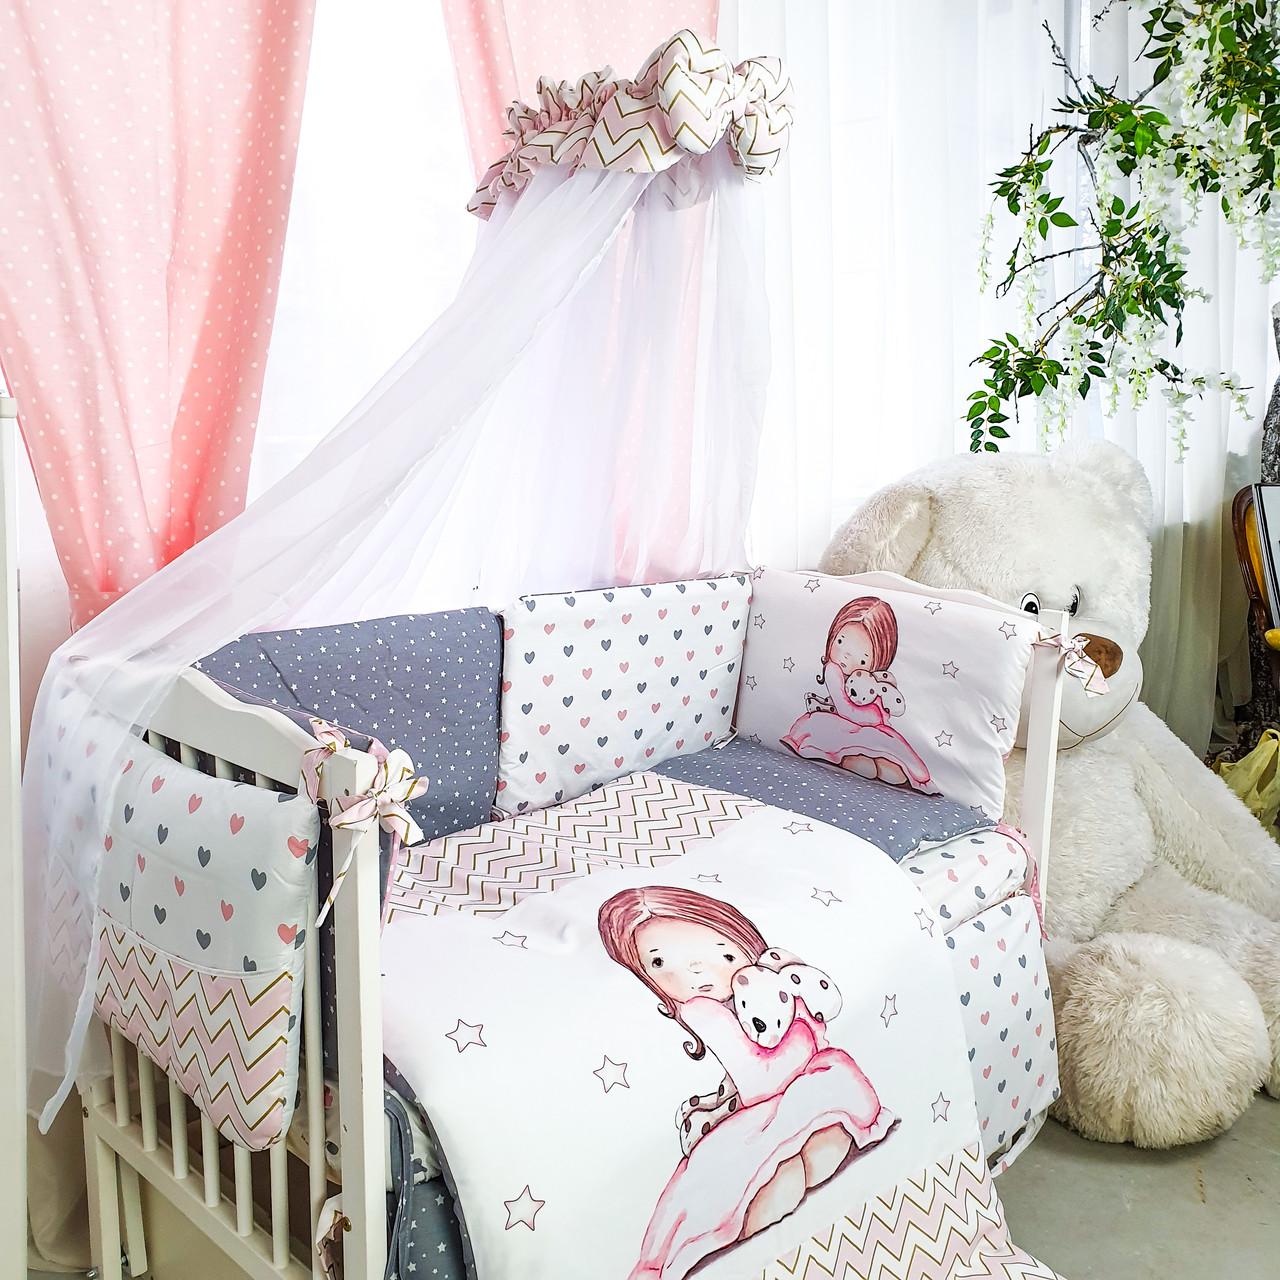 Детская постель Акварели девочка с собачкой  8 элементов (цвета в ассортименте)Бесплатная доставка